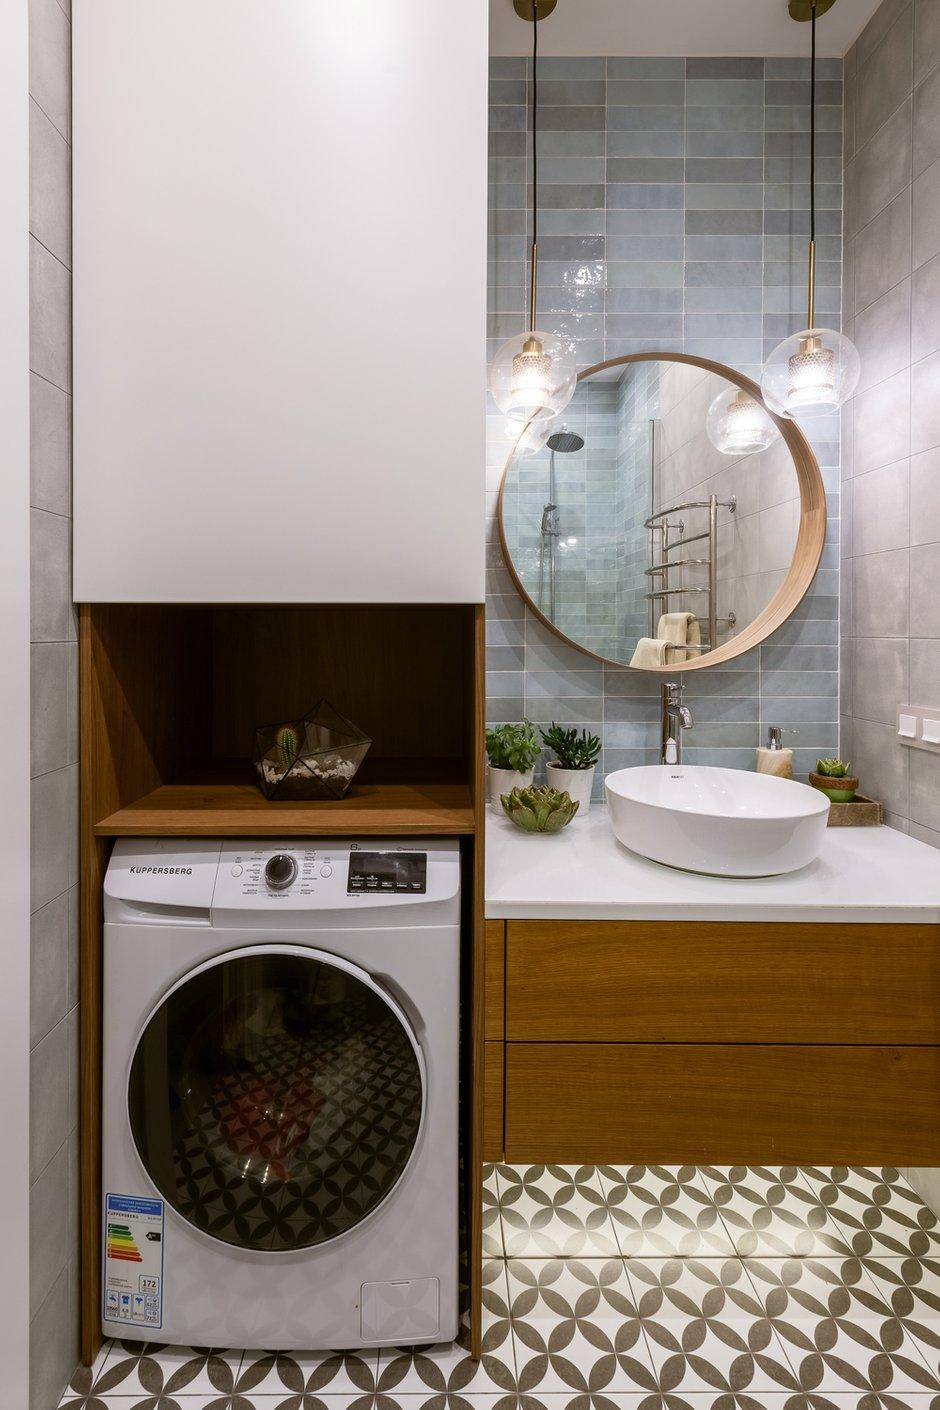 Гостевой санузел не остался без внимания: здесь размещен компактный пенал со стиральной машинкой и скрытыми полками для хранения бытовых принадлежностей.